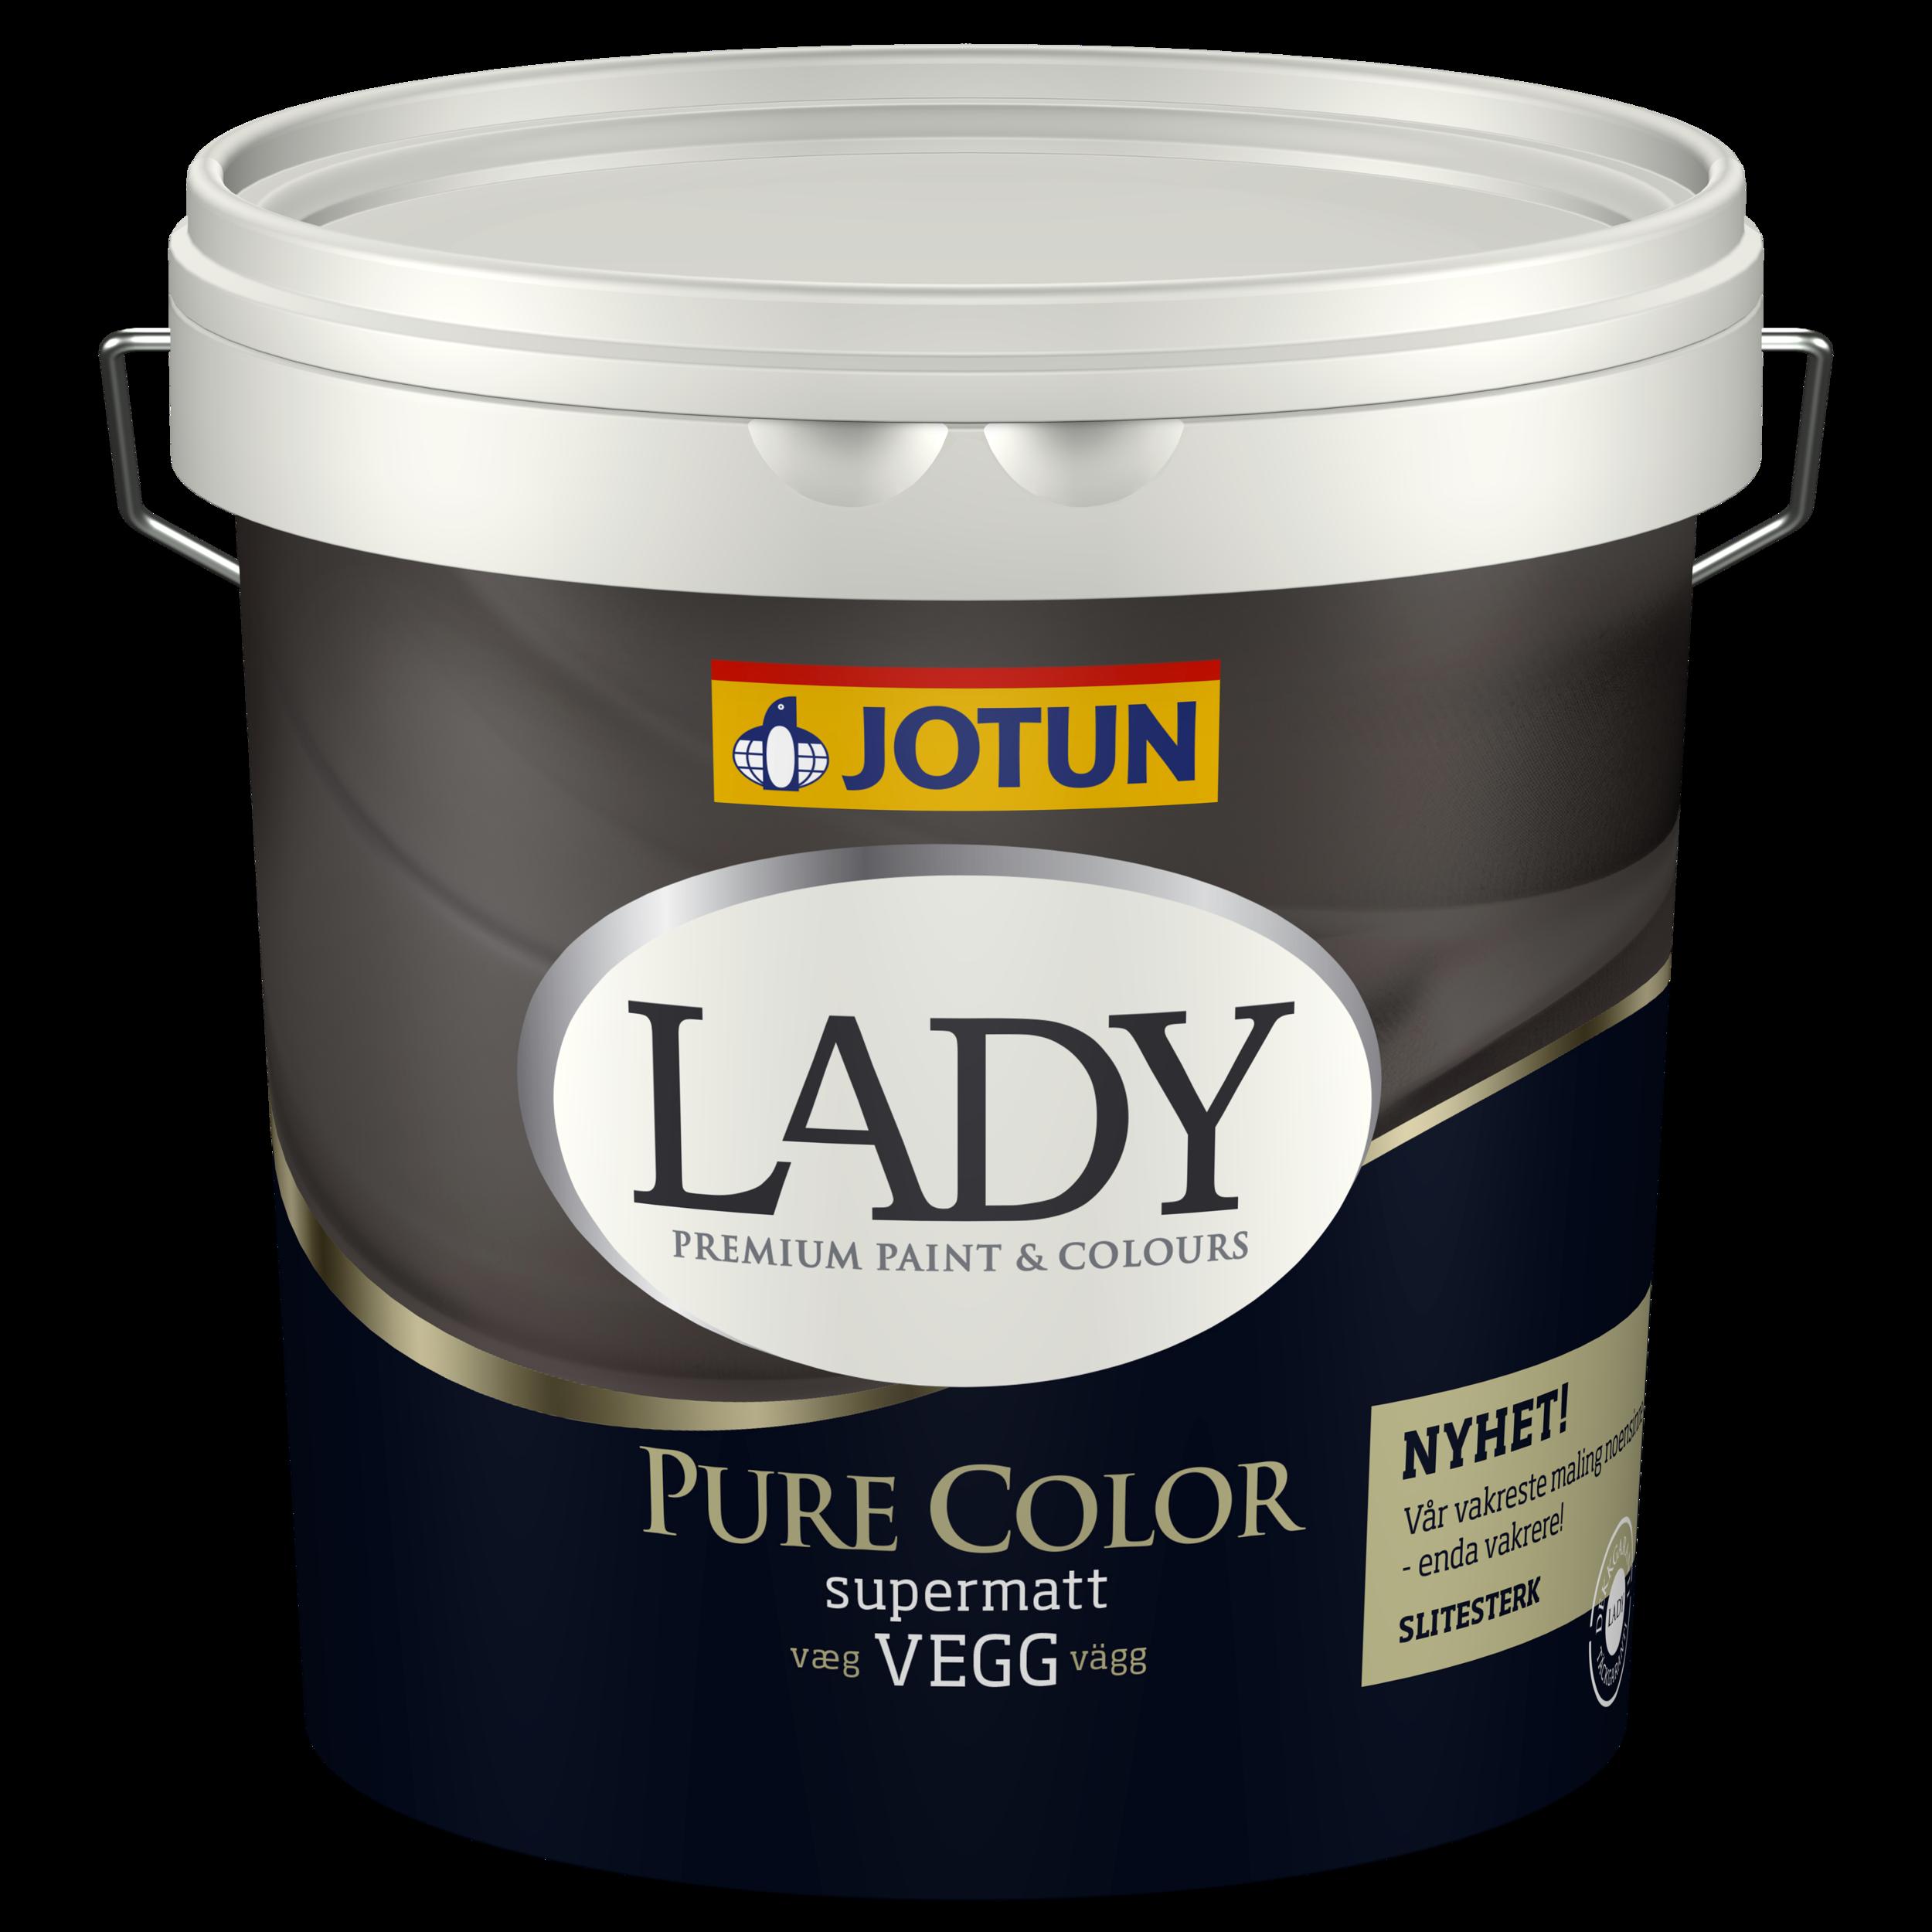 3L_Lady_PureColor.png